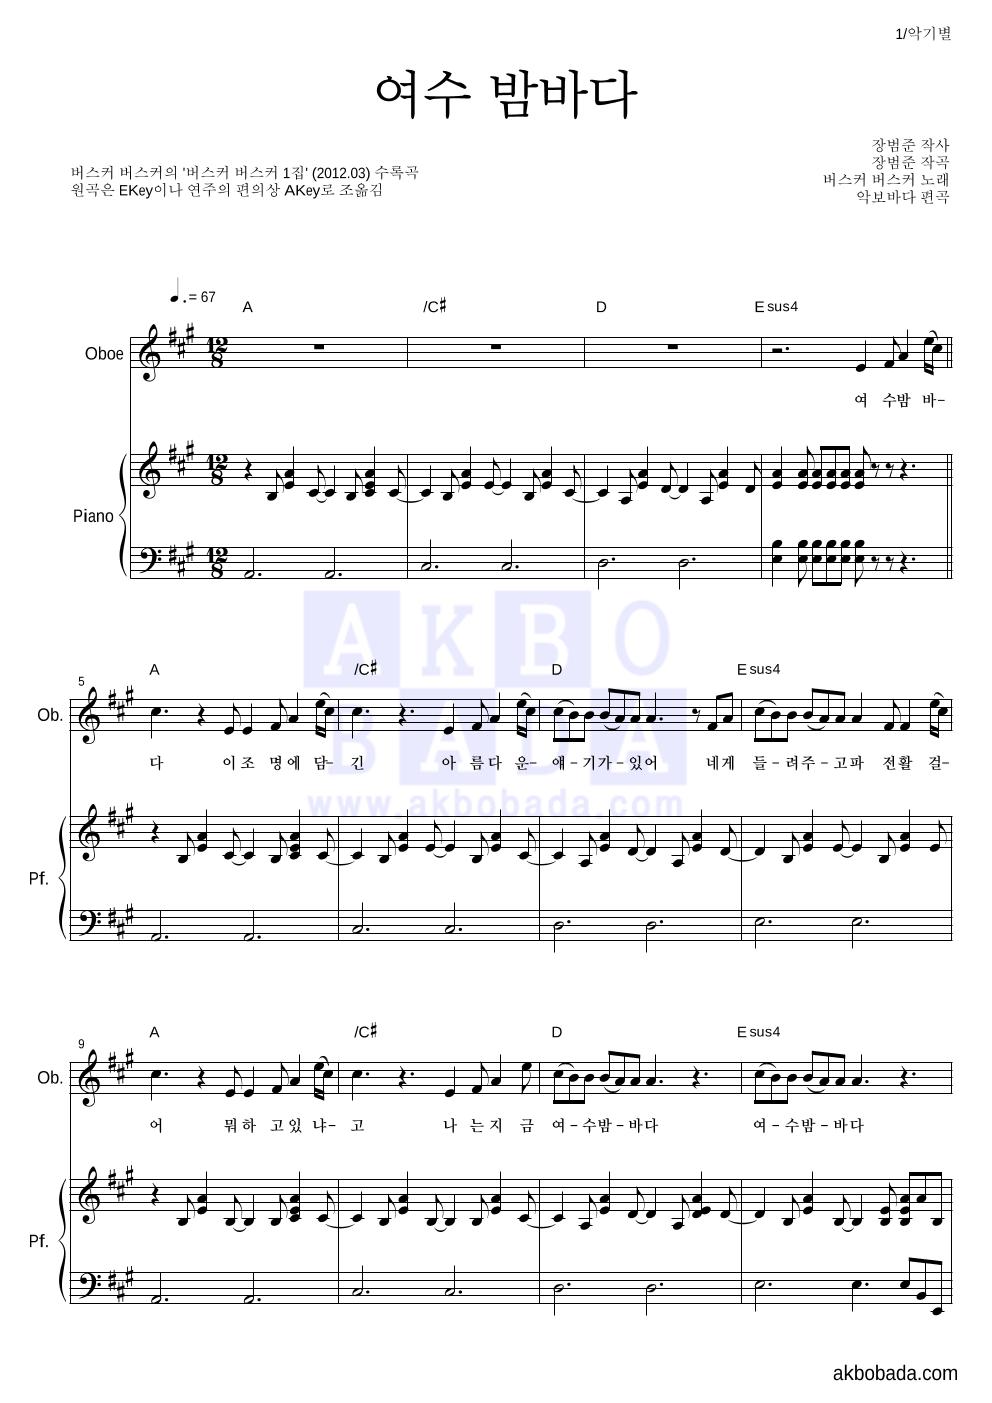 버스커 버스커 - 여수 밤바다 오보에&피아노 악보